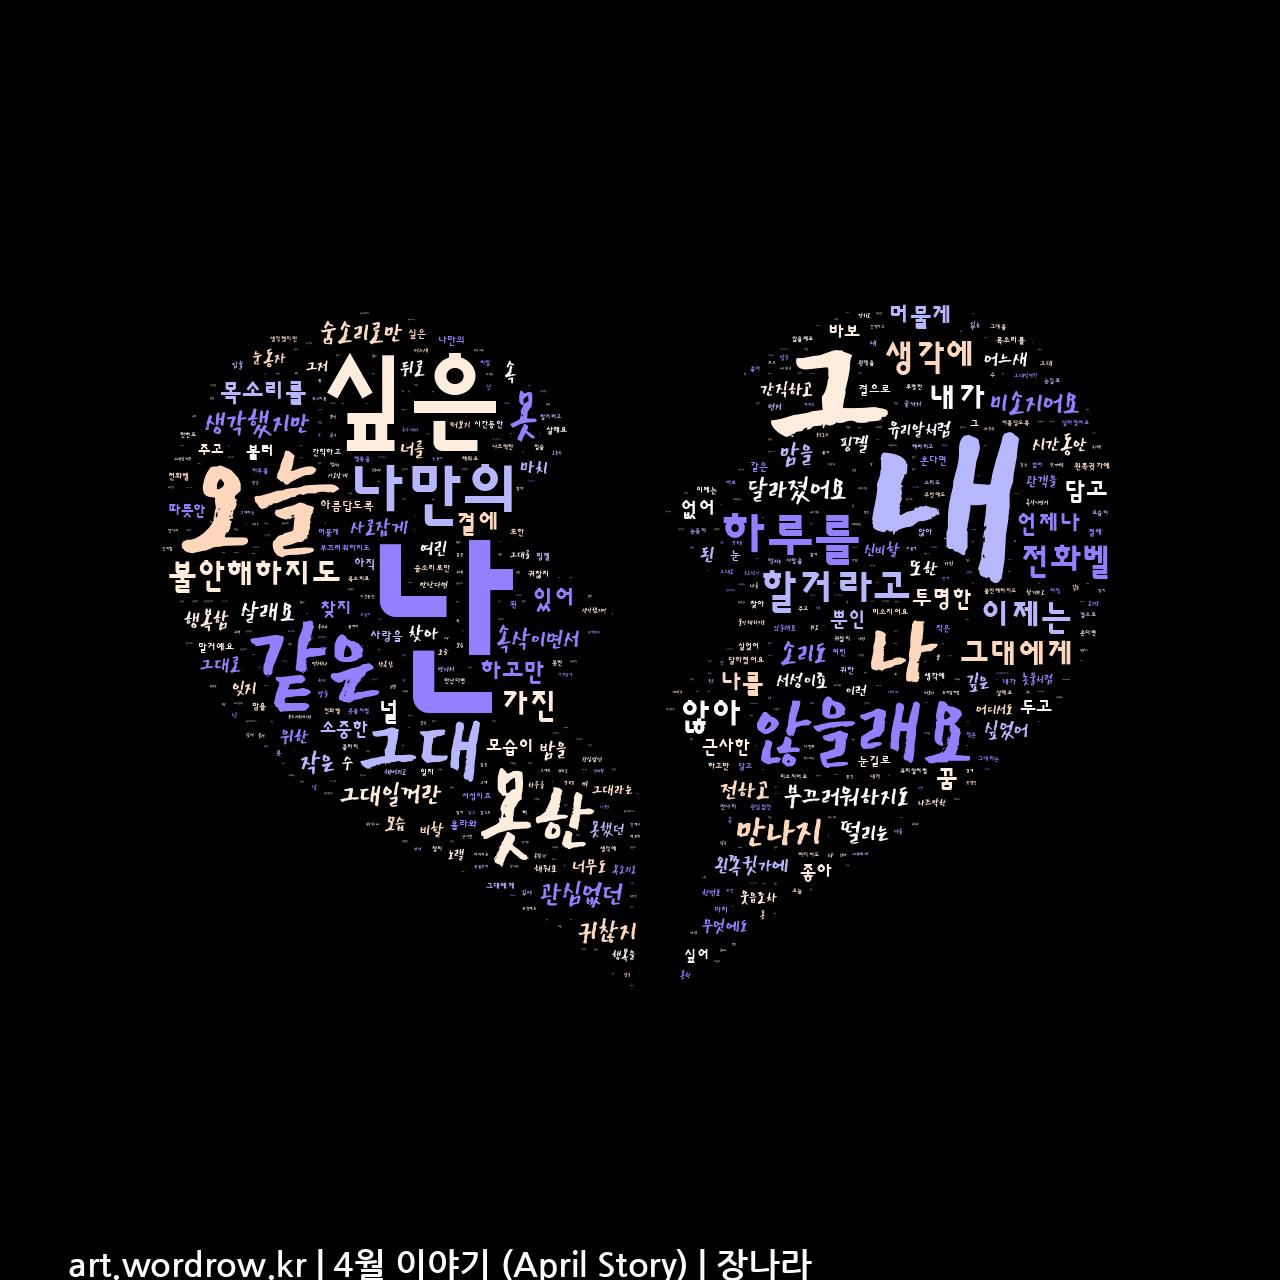 워드 아트: 4월 이야기 (April Story) [장나라]-33